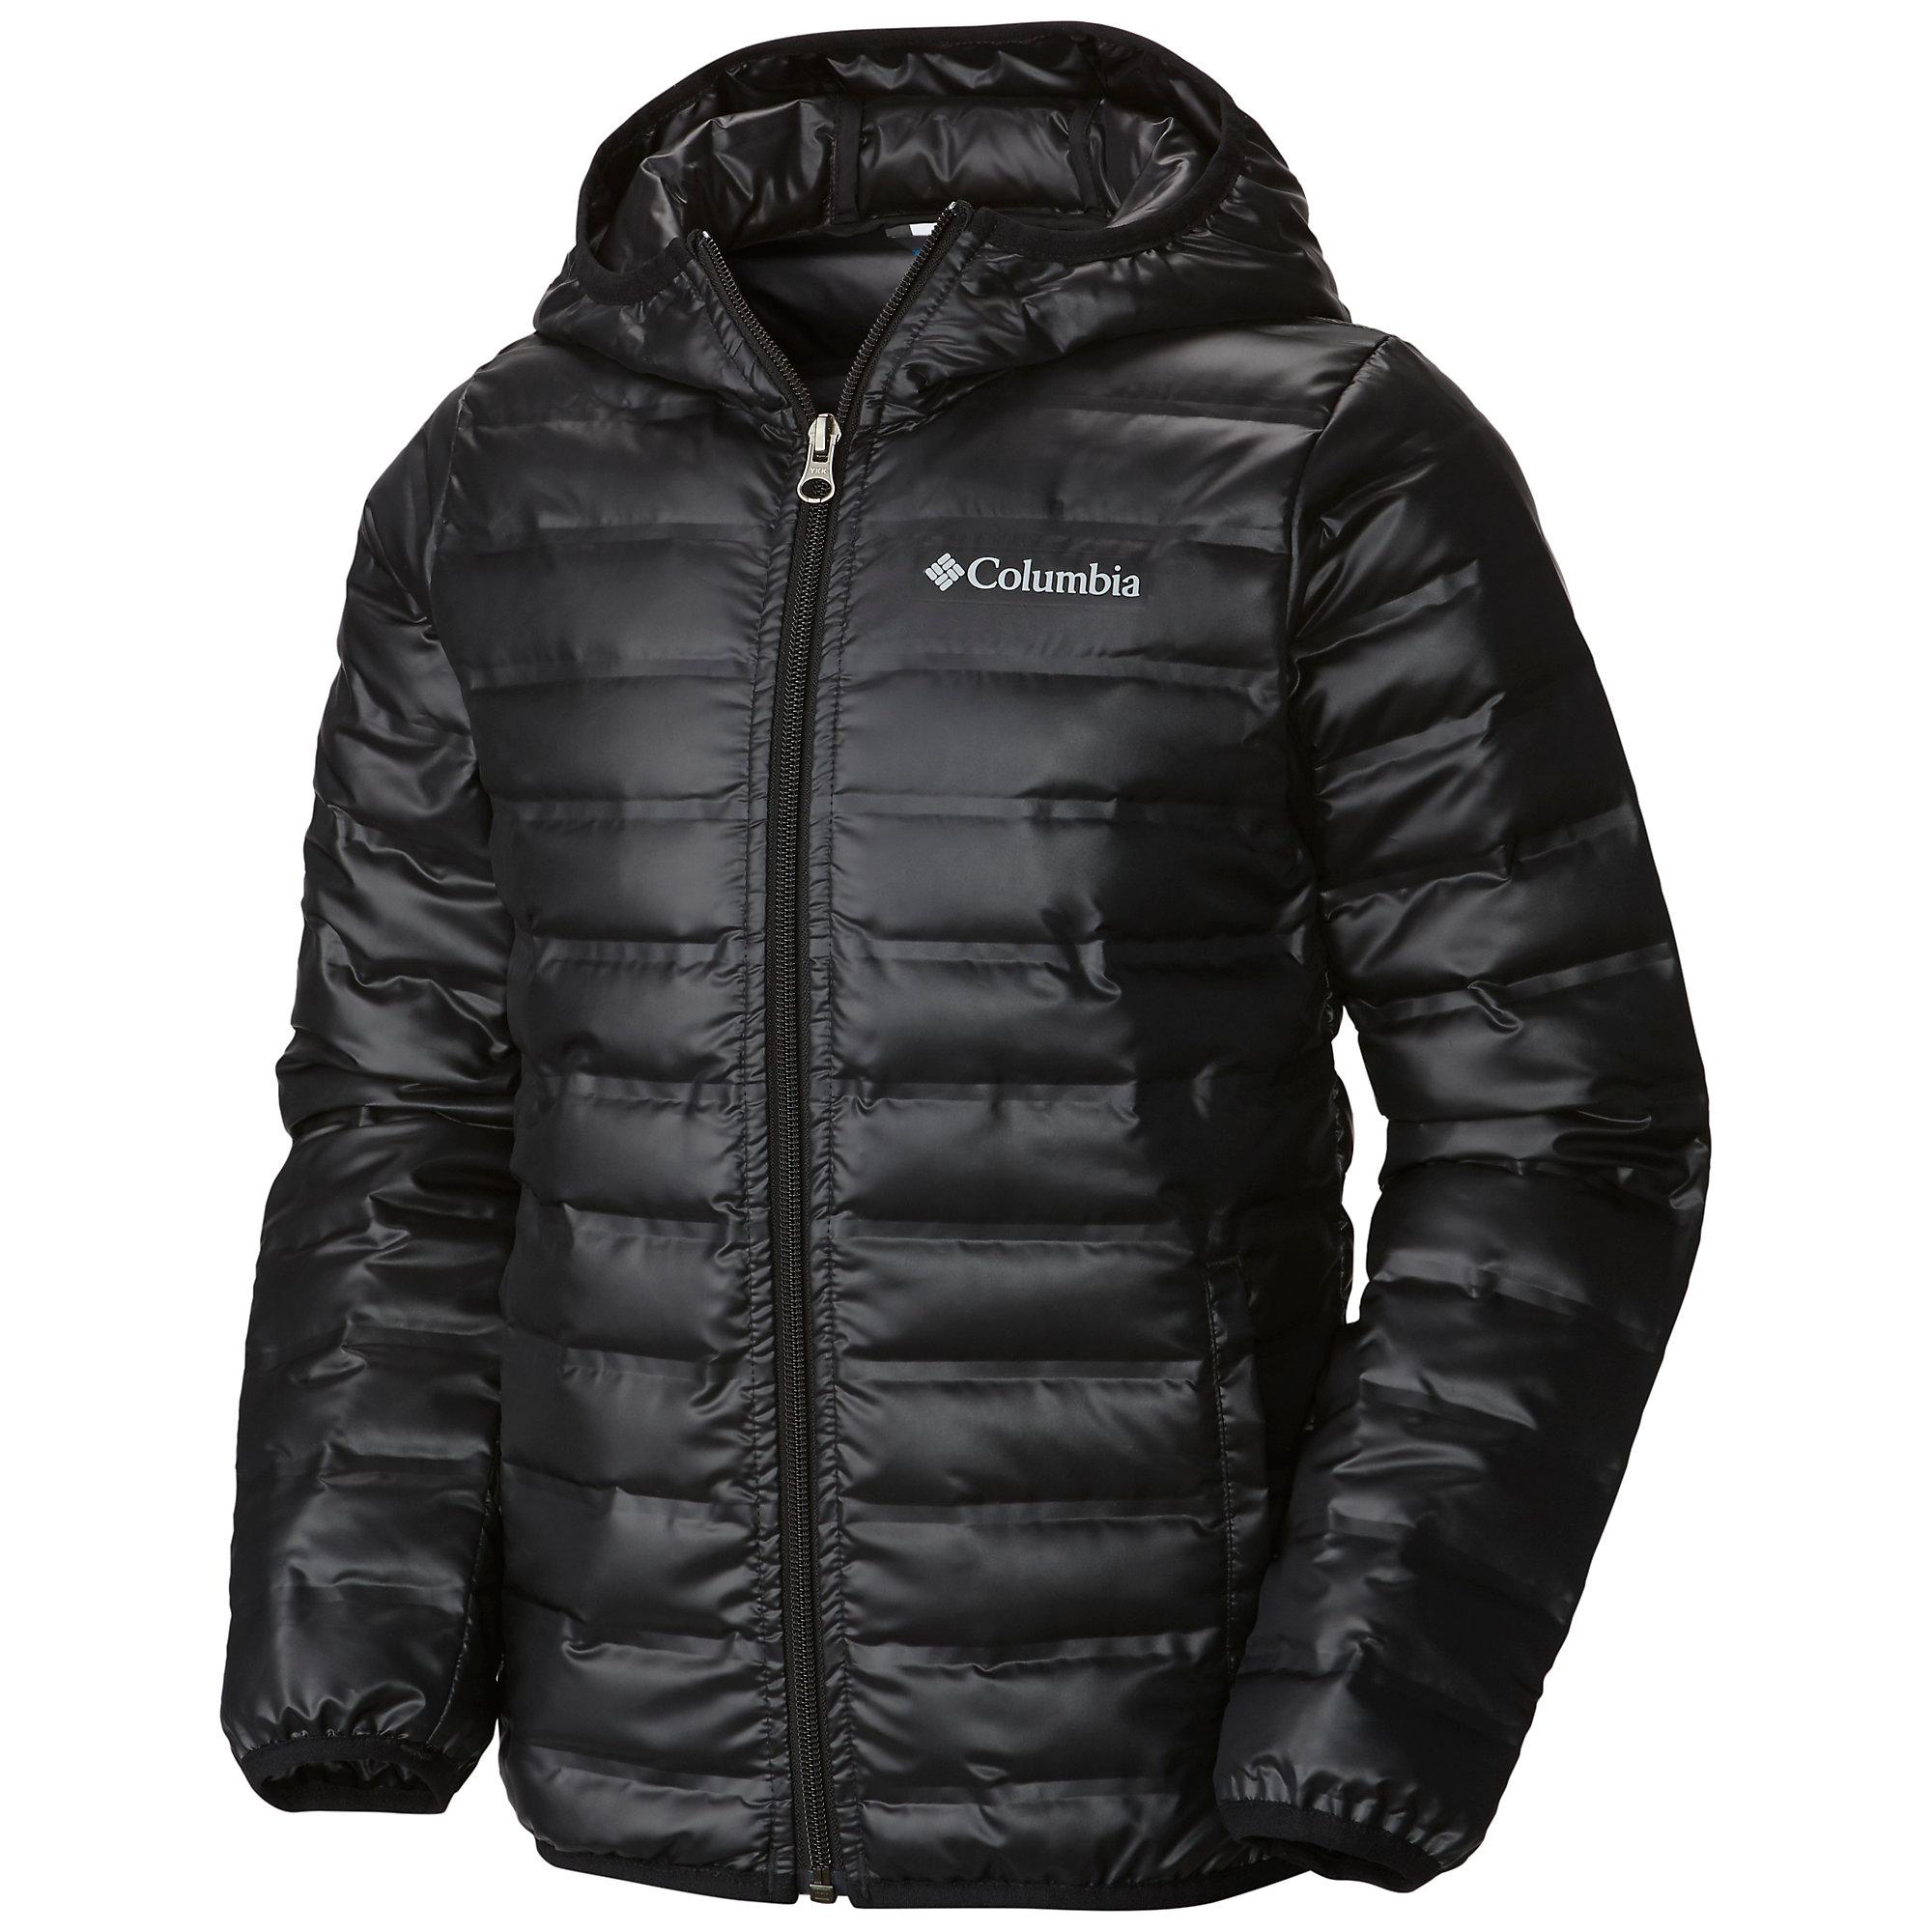 Columbia Flash Forward Down Hooded Jacket